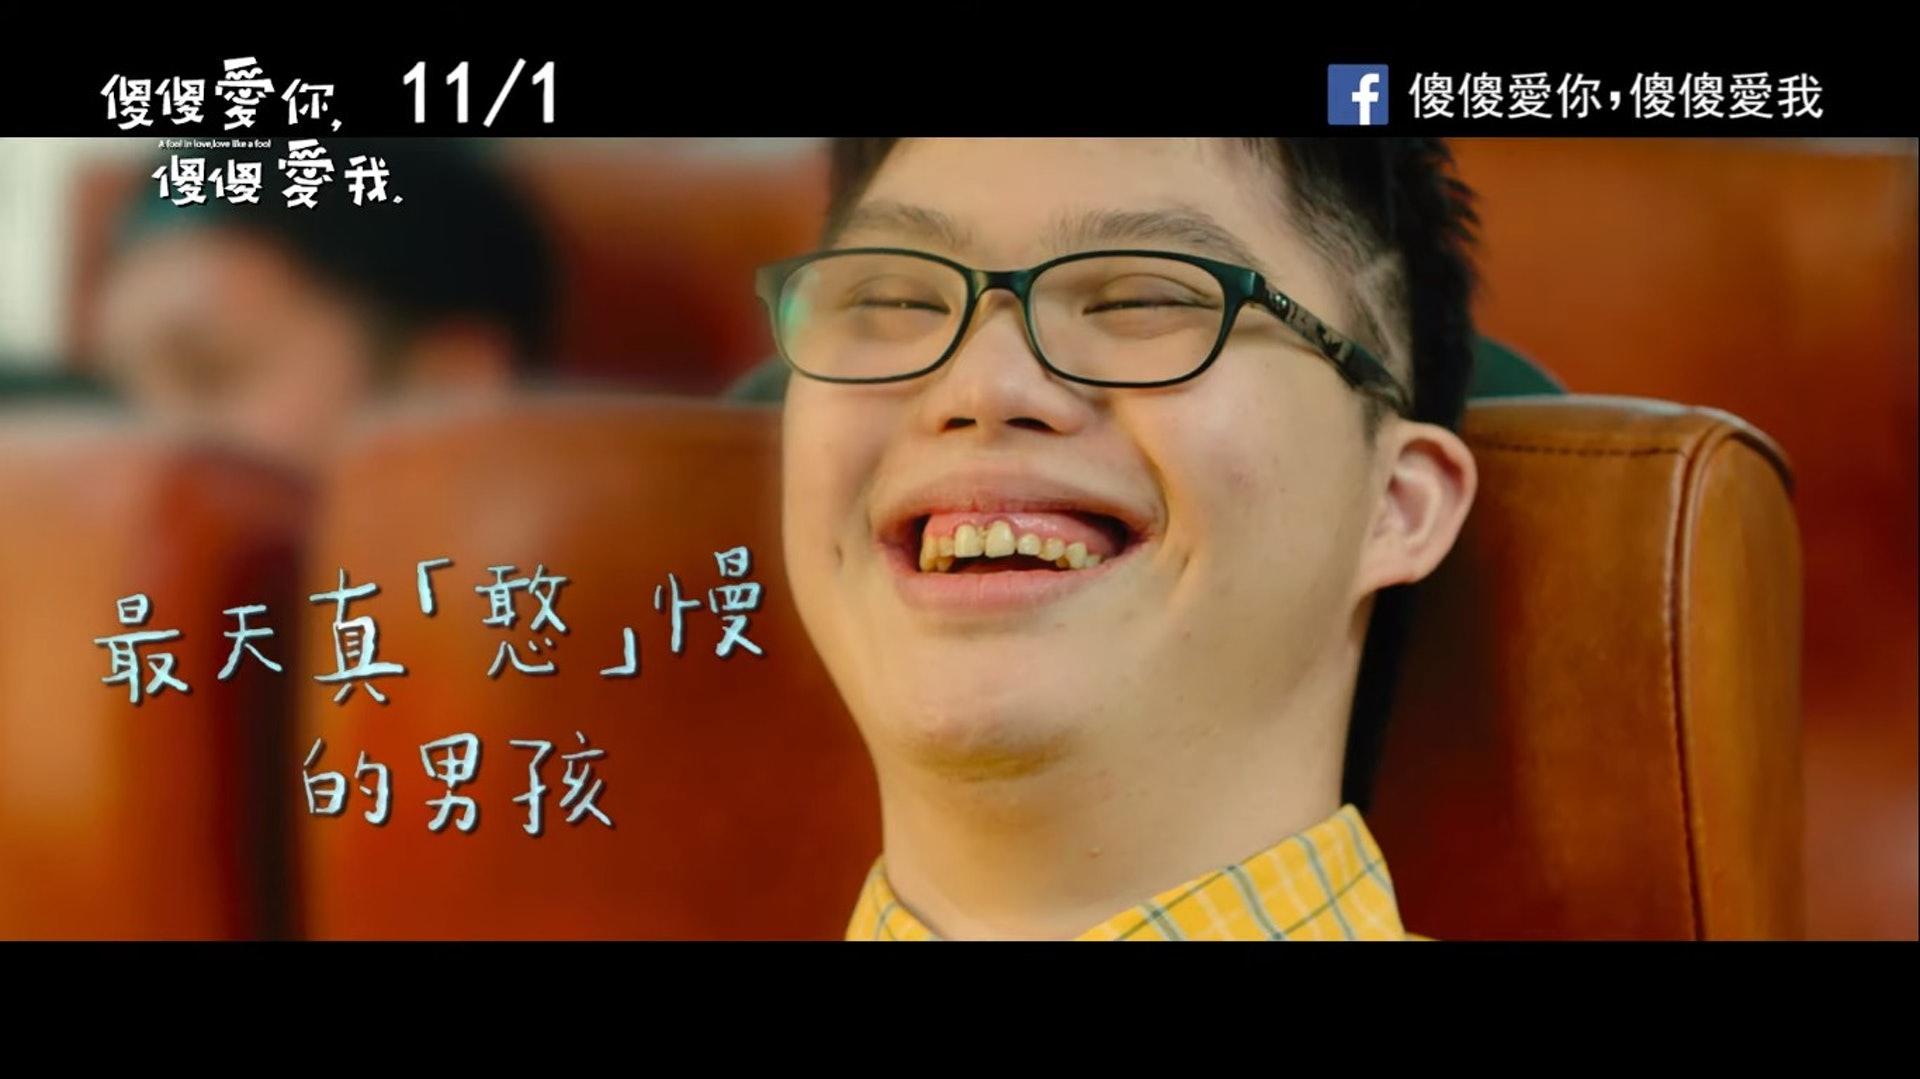 男主角由智障演員蔡佳宏擔任。(電影《傻傻愛你,傻傻愛我》預告)